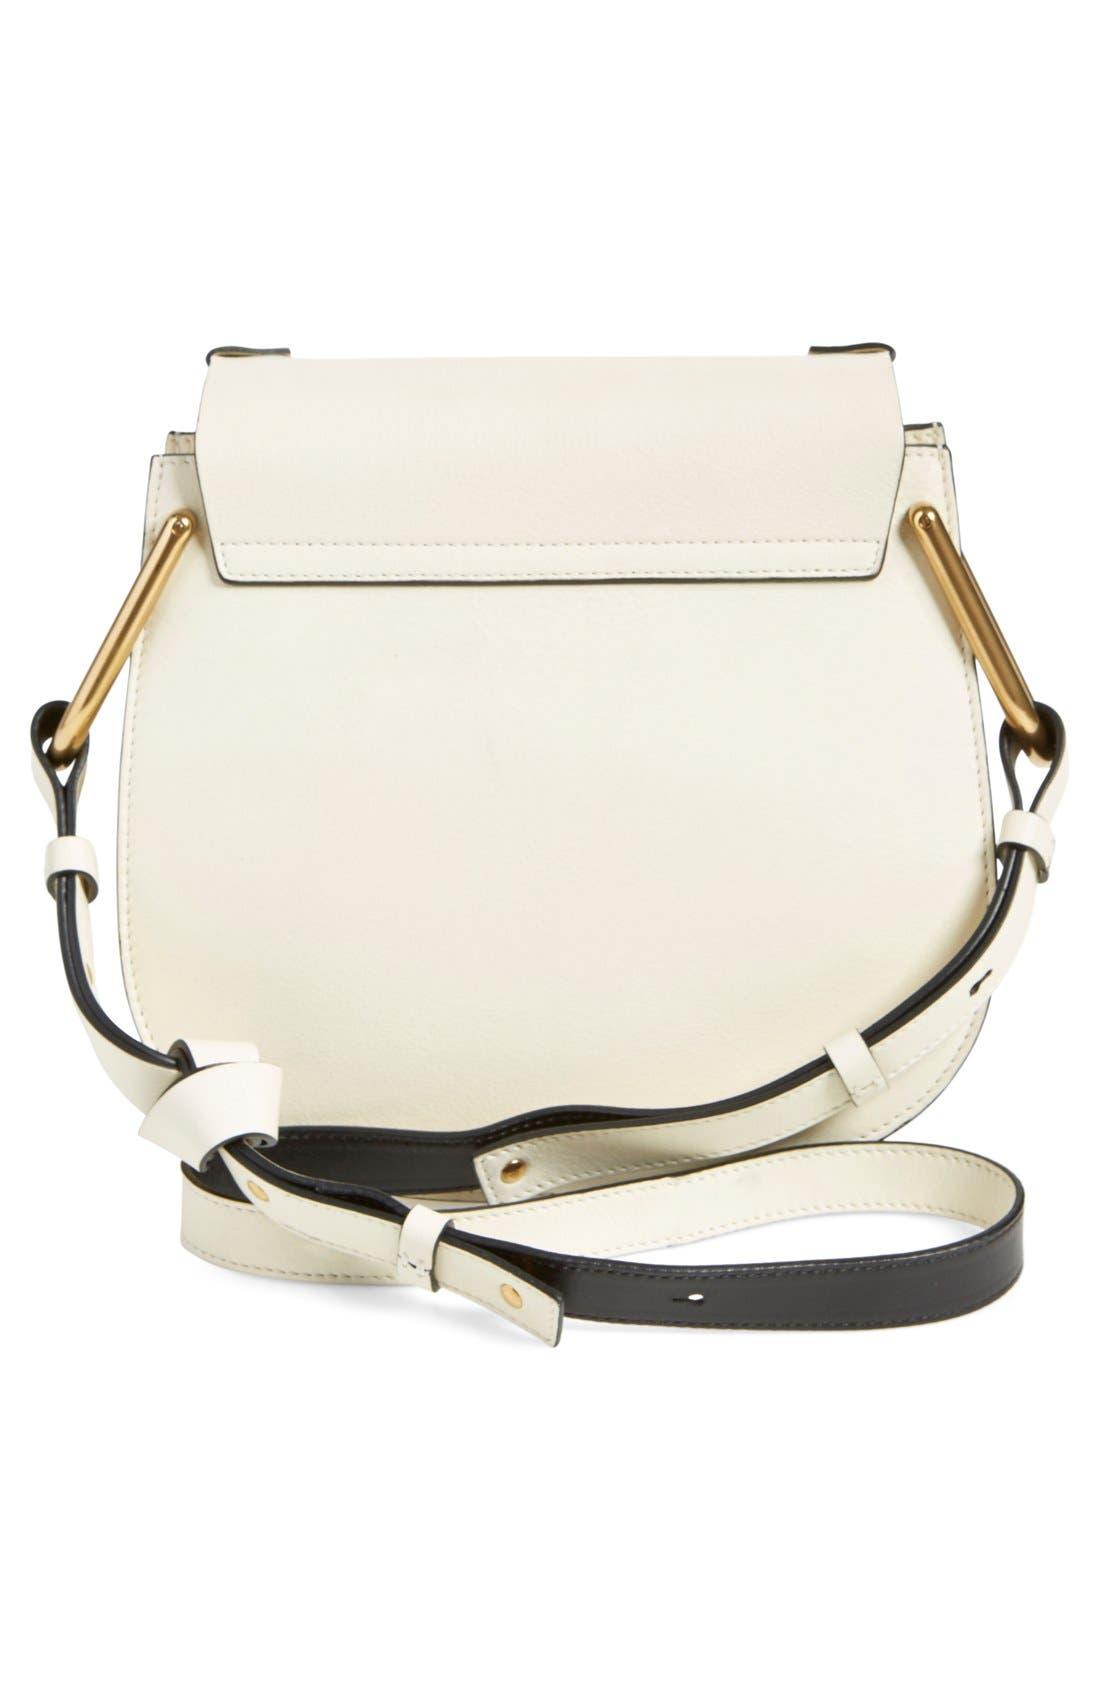 Alternate Image 2  - Chloé 'Small Hudson' Studded Shoulder Bag